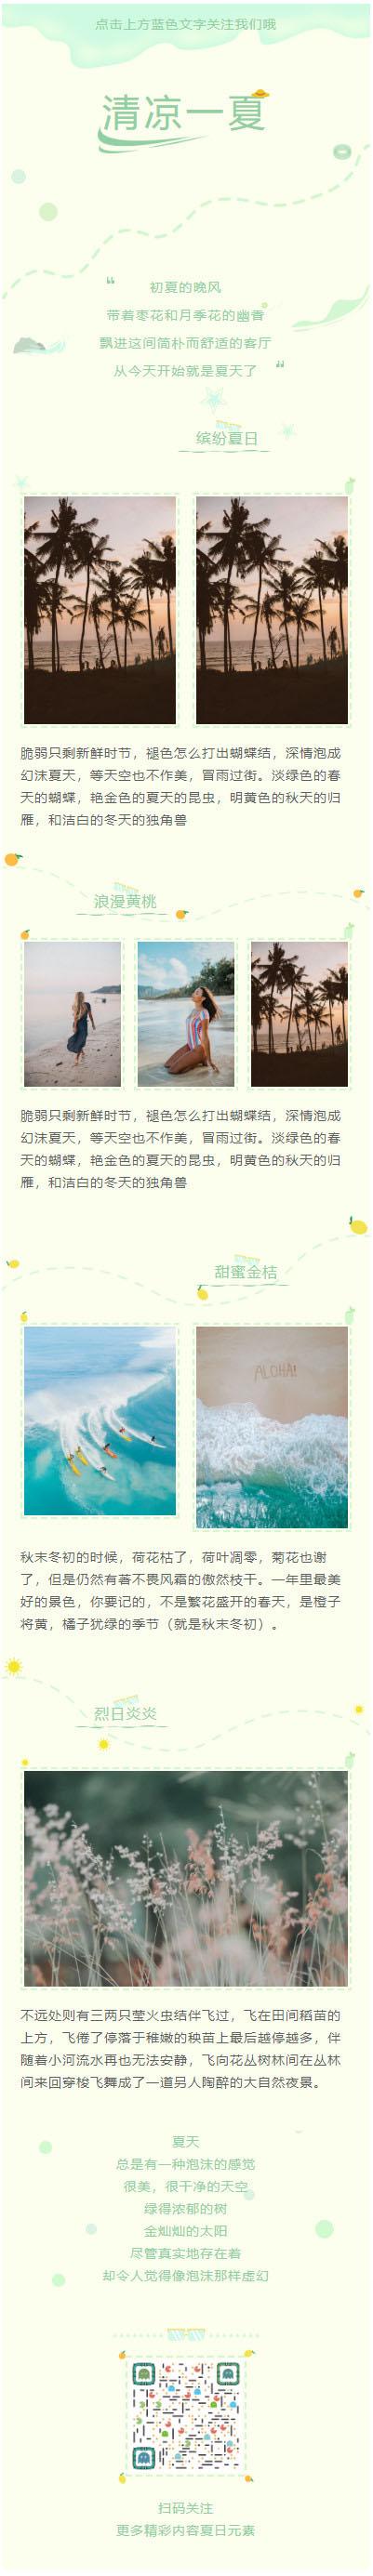 海边旅游初夏夏天夏日绿色清爽风格模板微信公众号推文素材